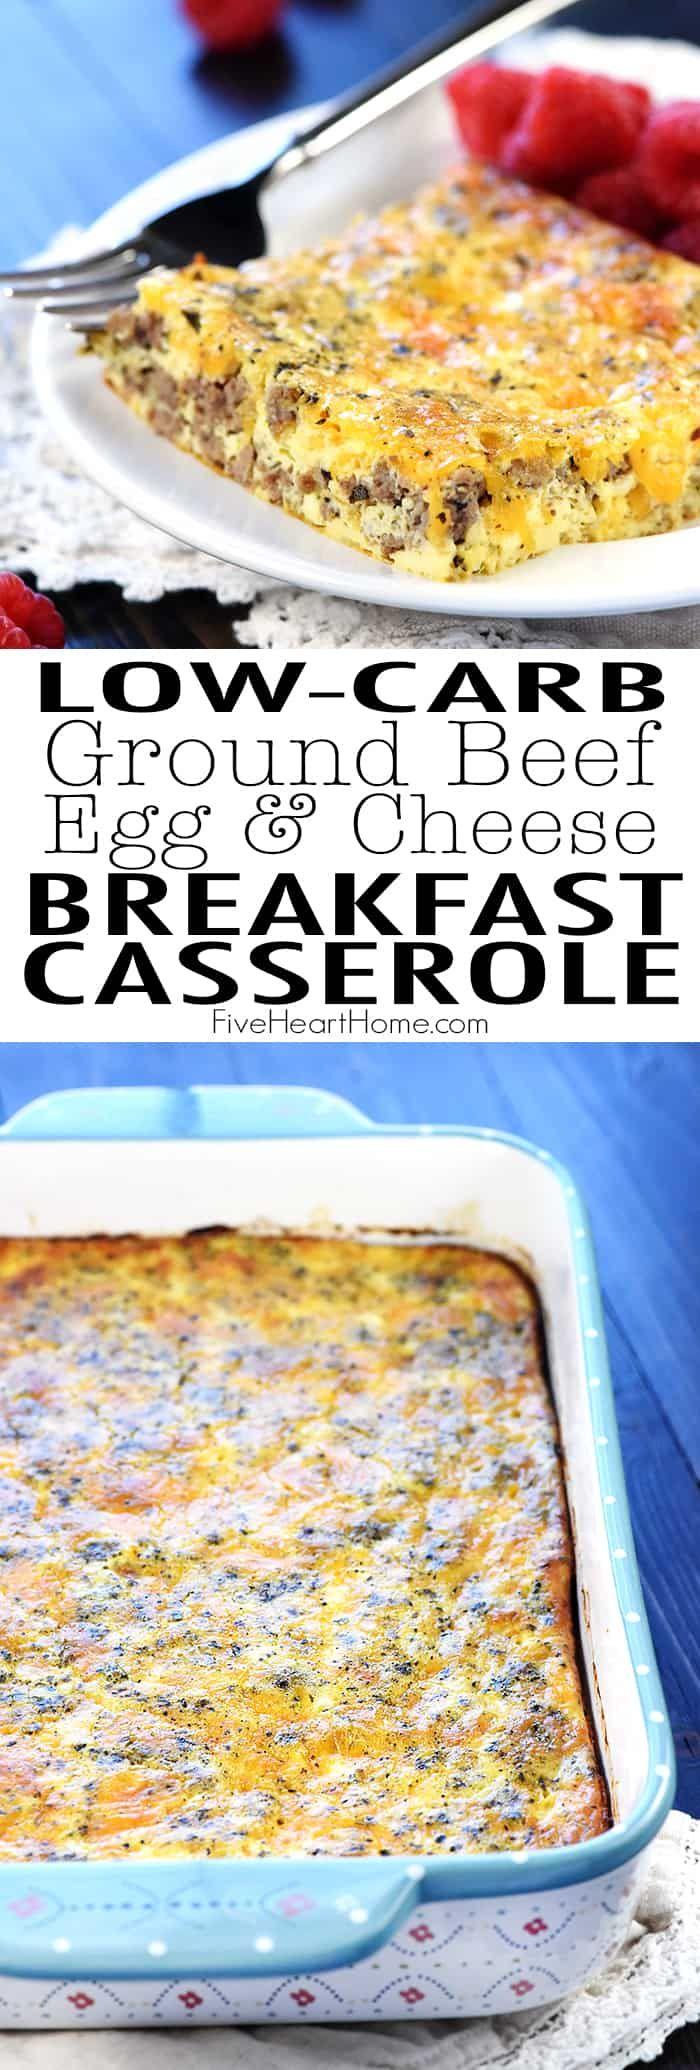 Ground Beef Egg Cheese Breakfast Casserole Lean Ground Beef Or Turkey Is Seasone Breakfast Sausage Recipes Ground Sausage Recipes Ground Beef Breakfast